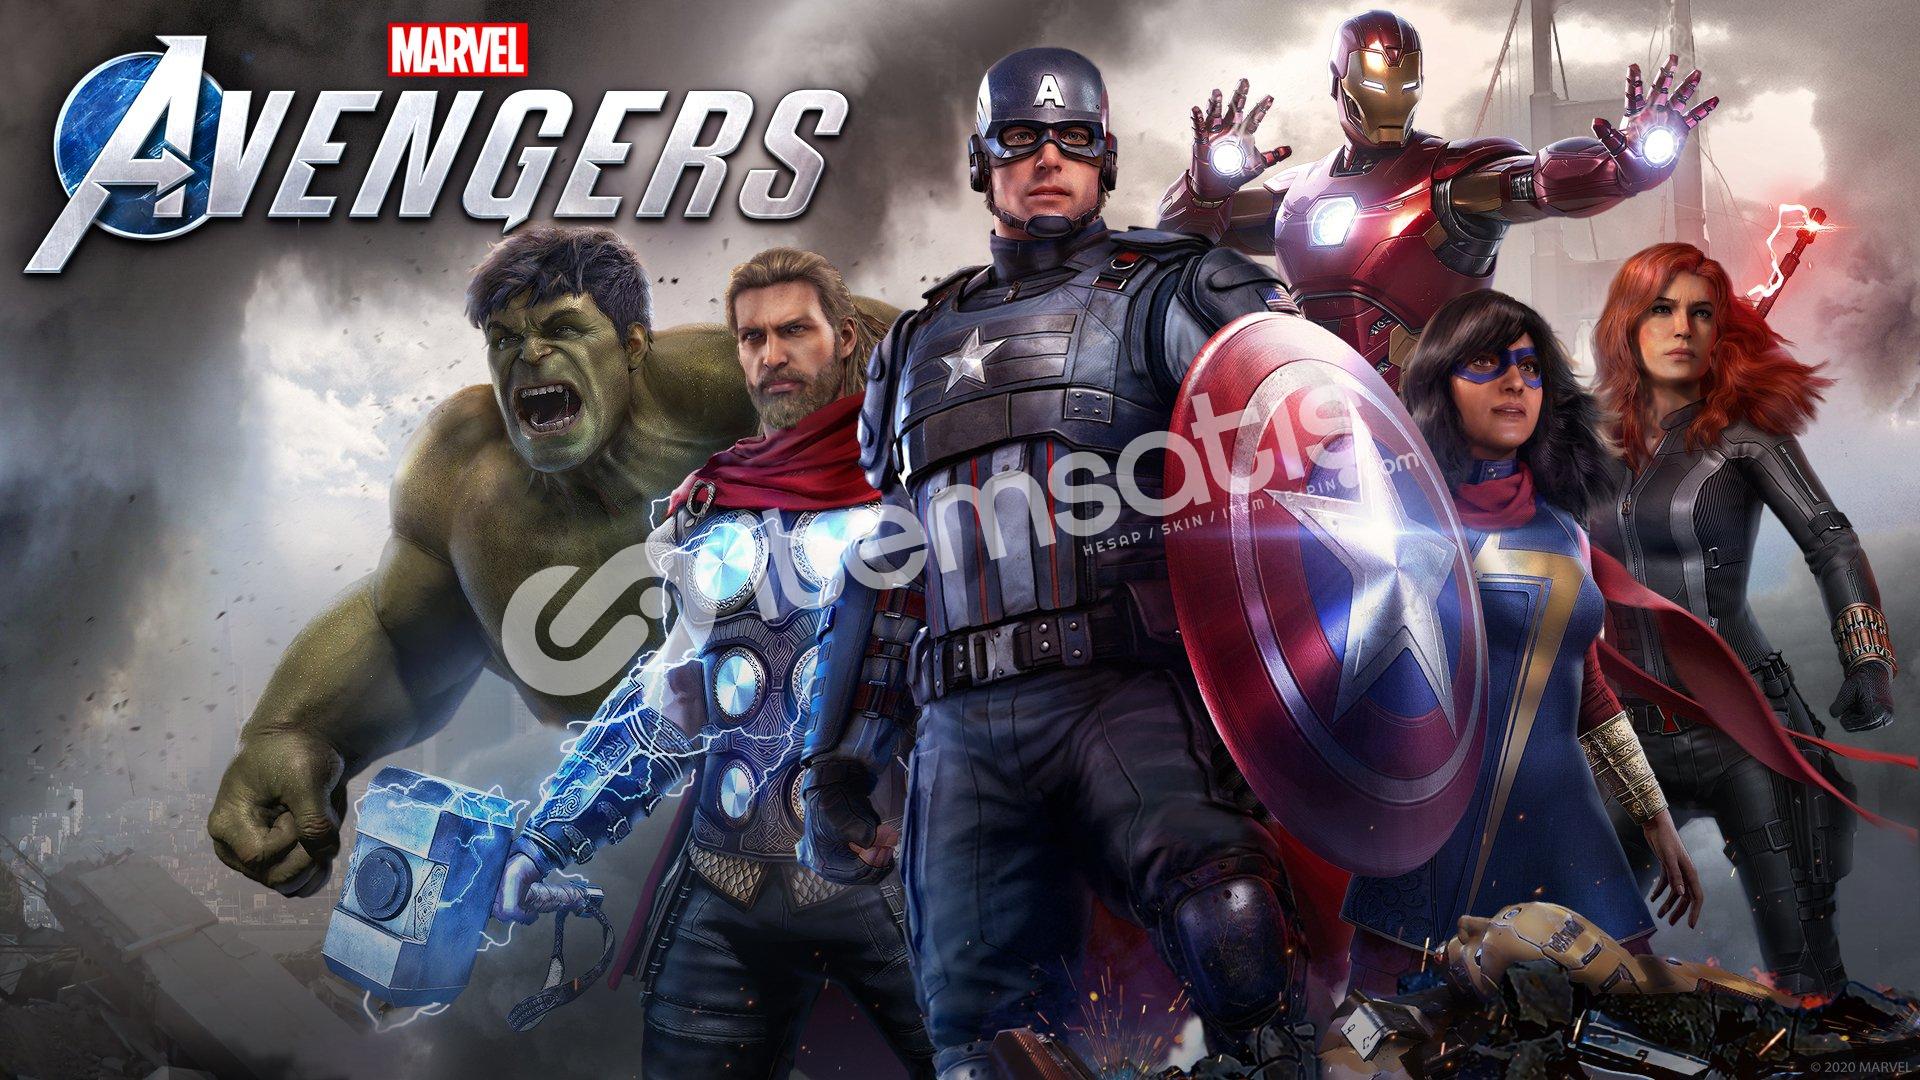 Marvel's Avengers + HEDİYE + GARANTİ + GEFORCE NOW DESTEKLER